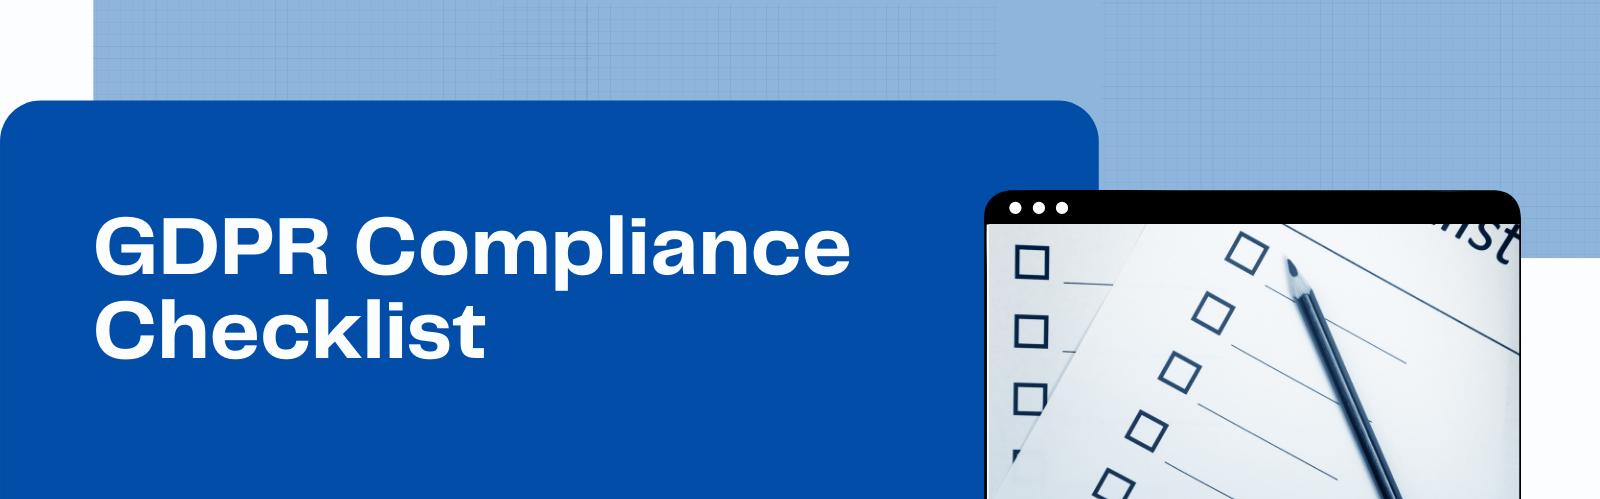 GDPR-compliance-checklist